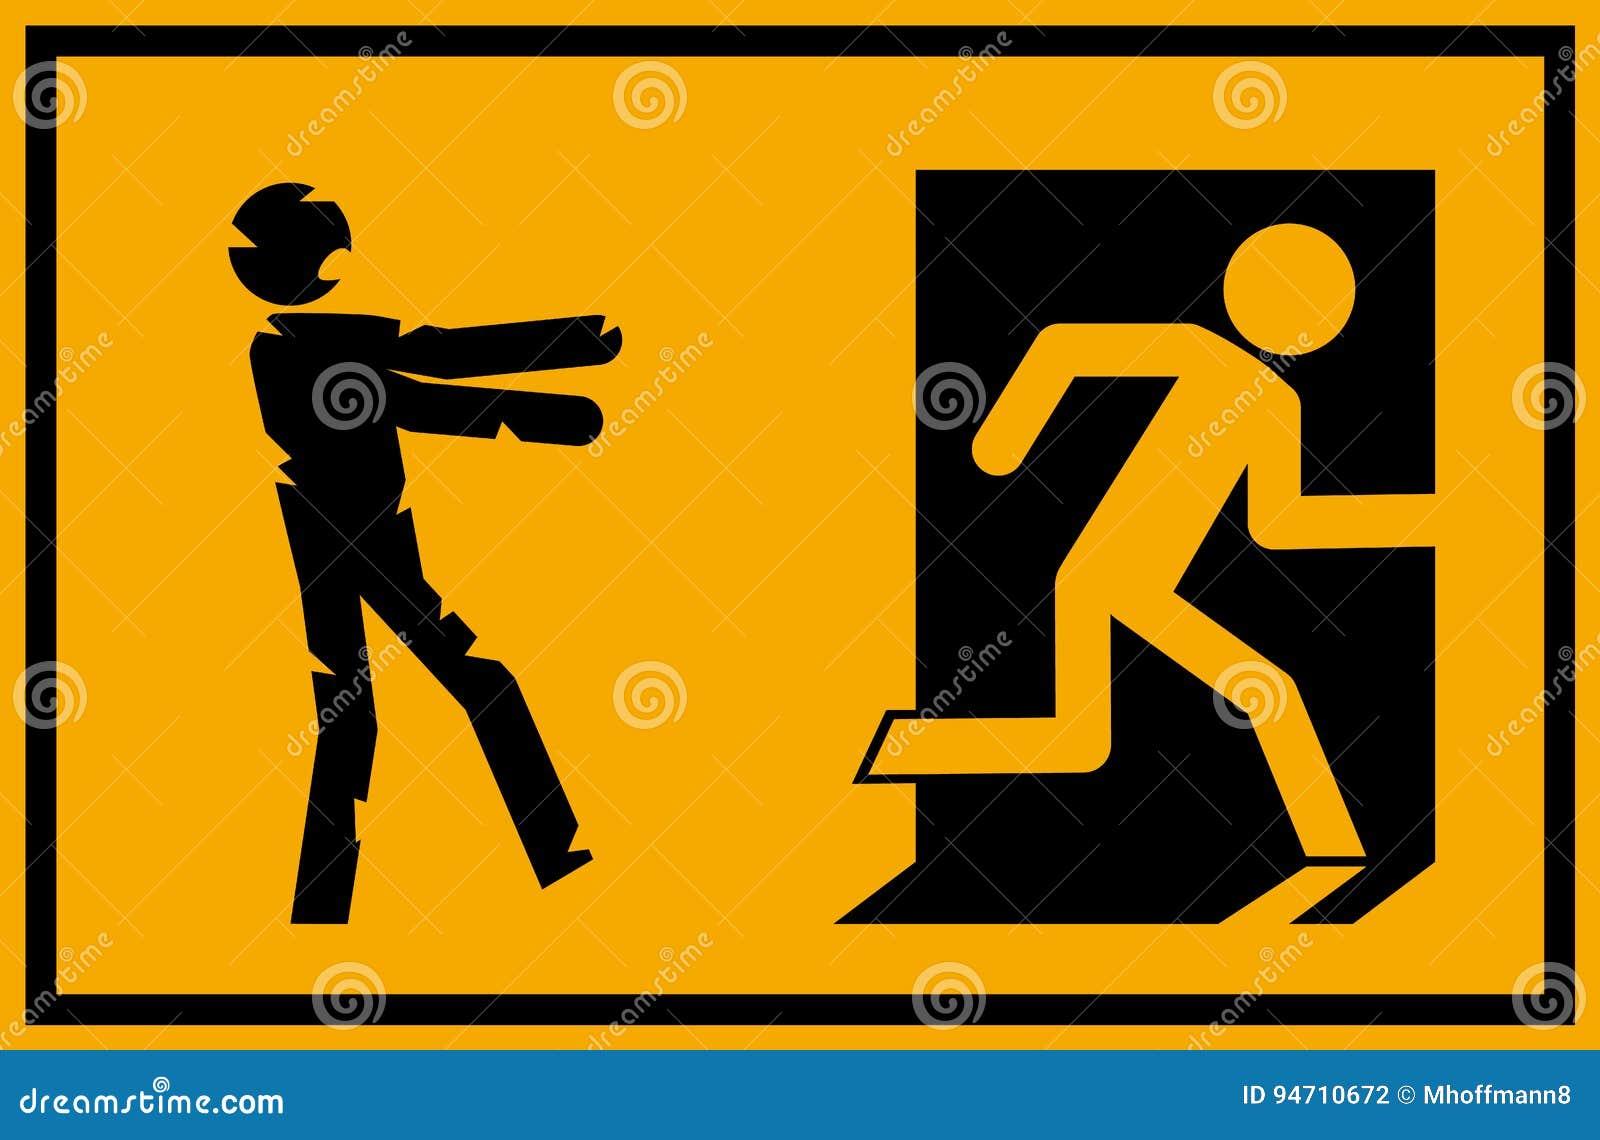 Illustration de vecteur - signe de sortie de secours de zombi avec un chiffre vampire de bâton de silhouette chassant une personn